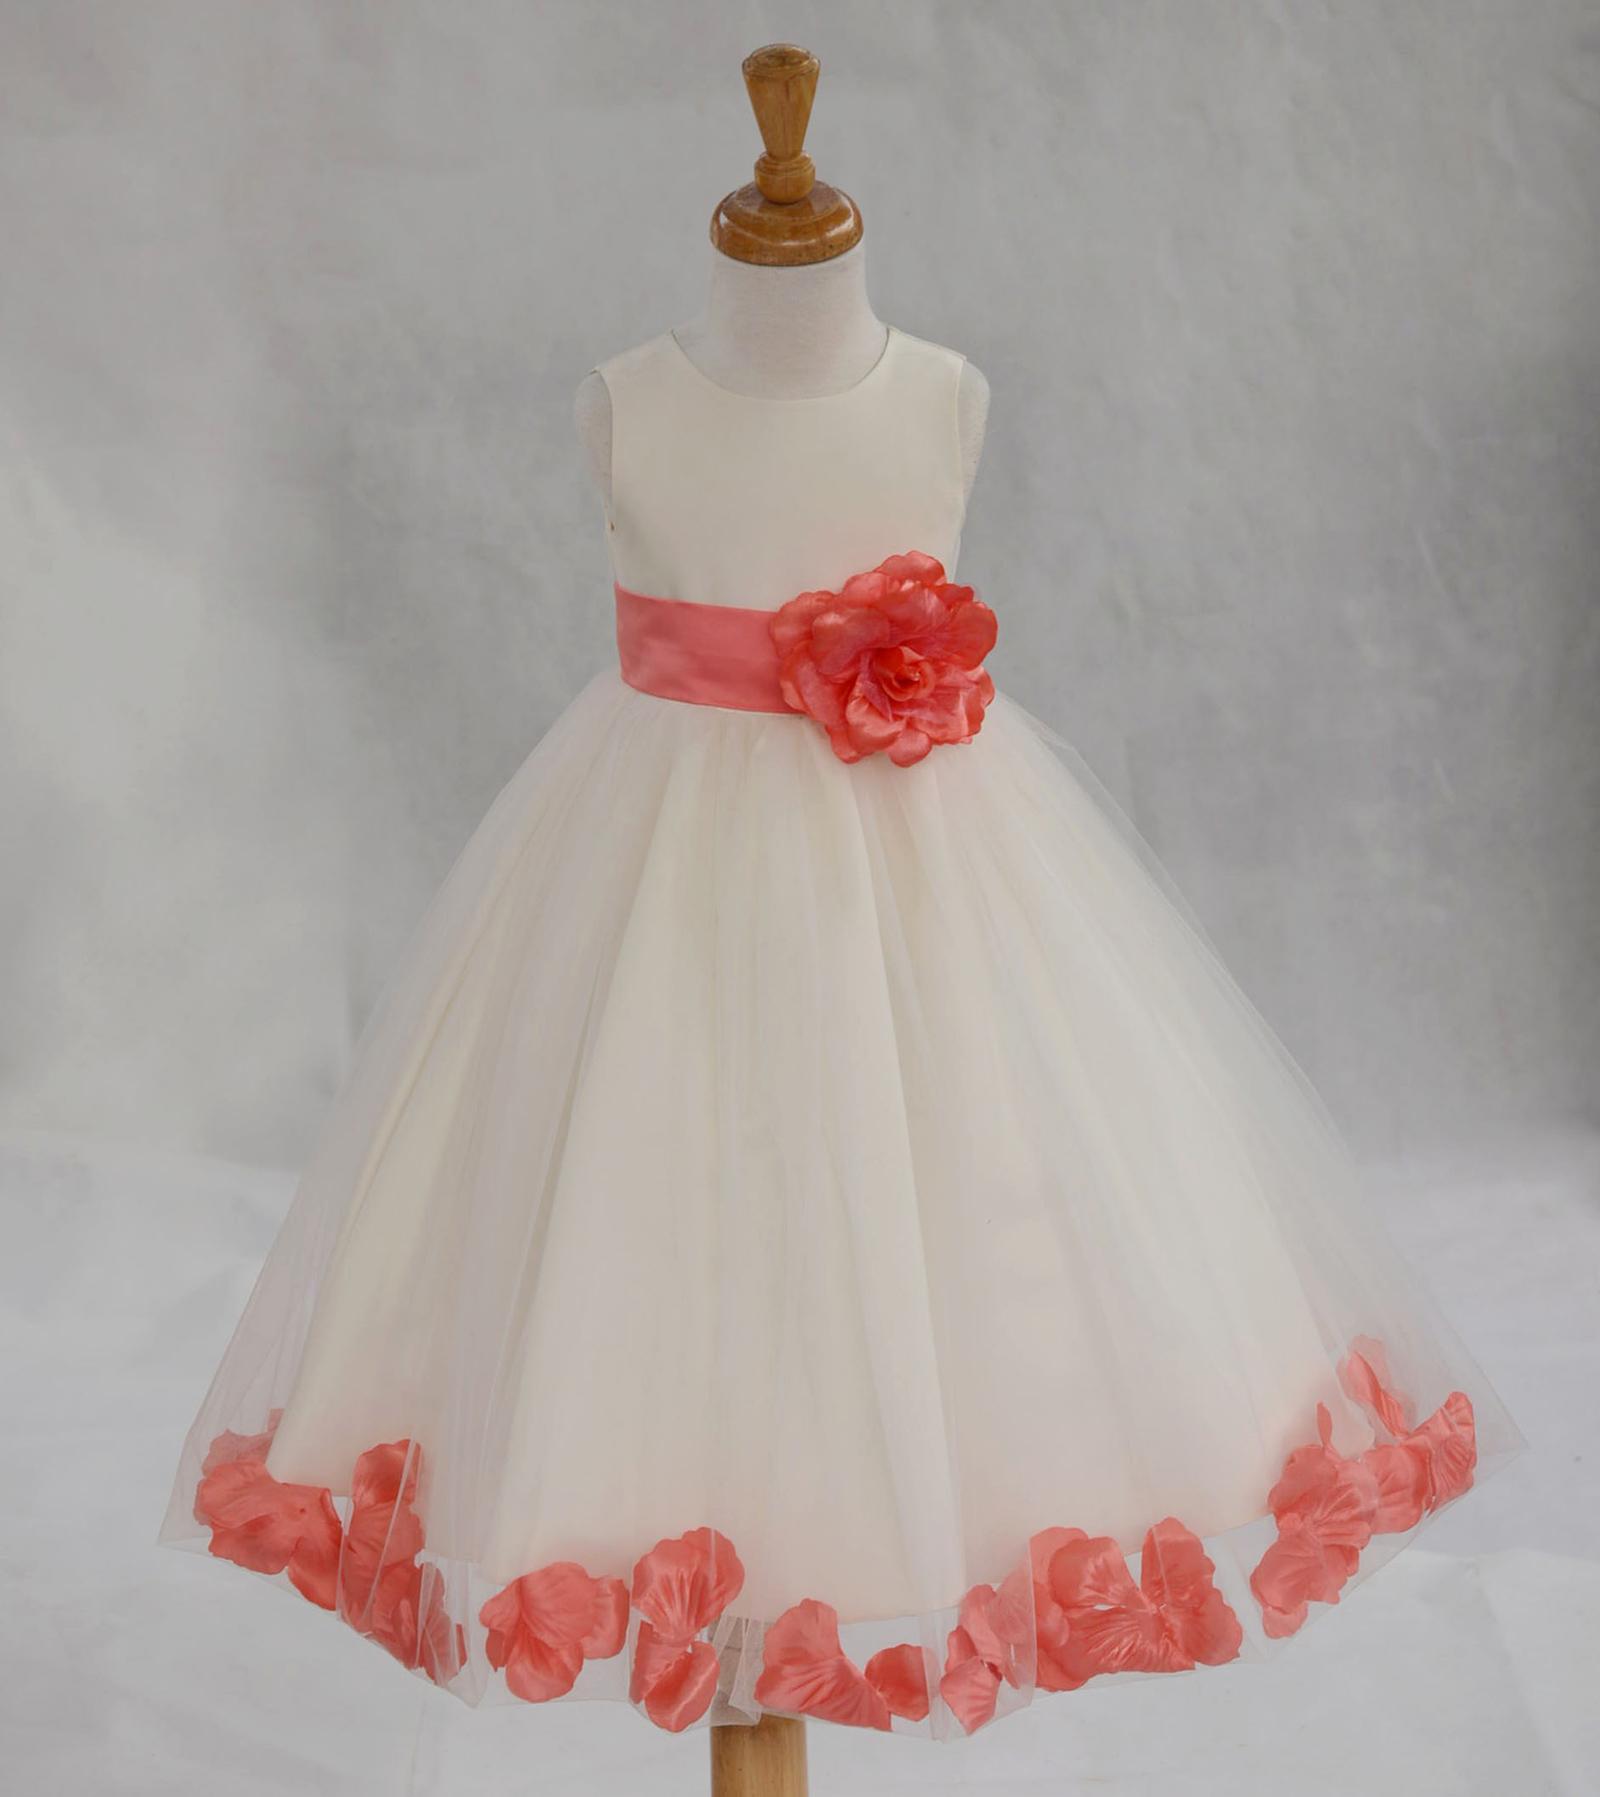 Coral Rose Petal Dress White Satin Tulle Flower Girl Wedding Summer Easter#24